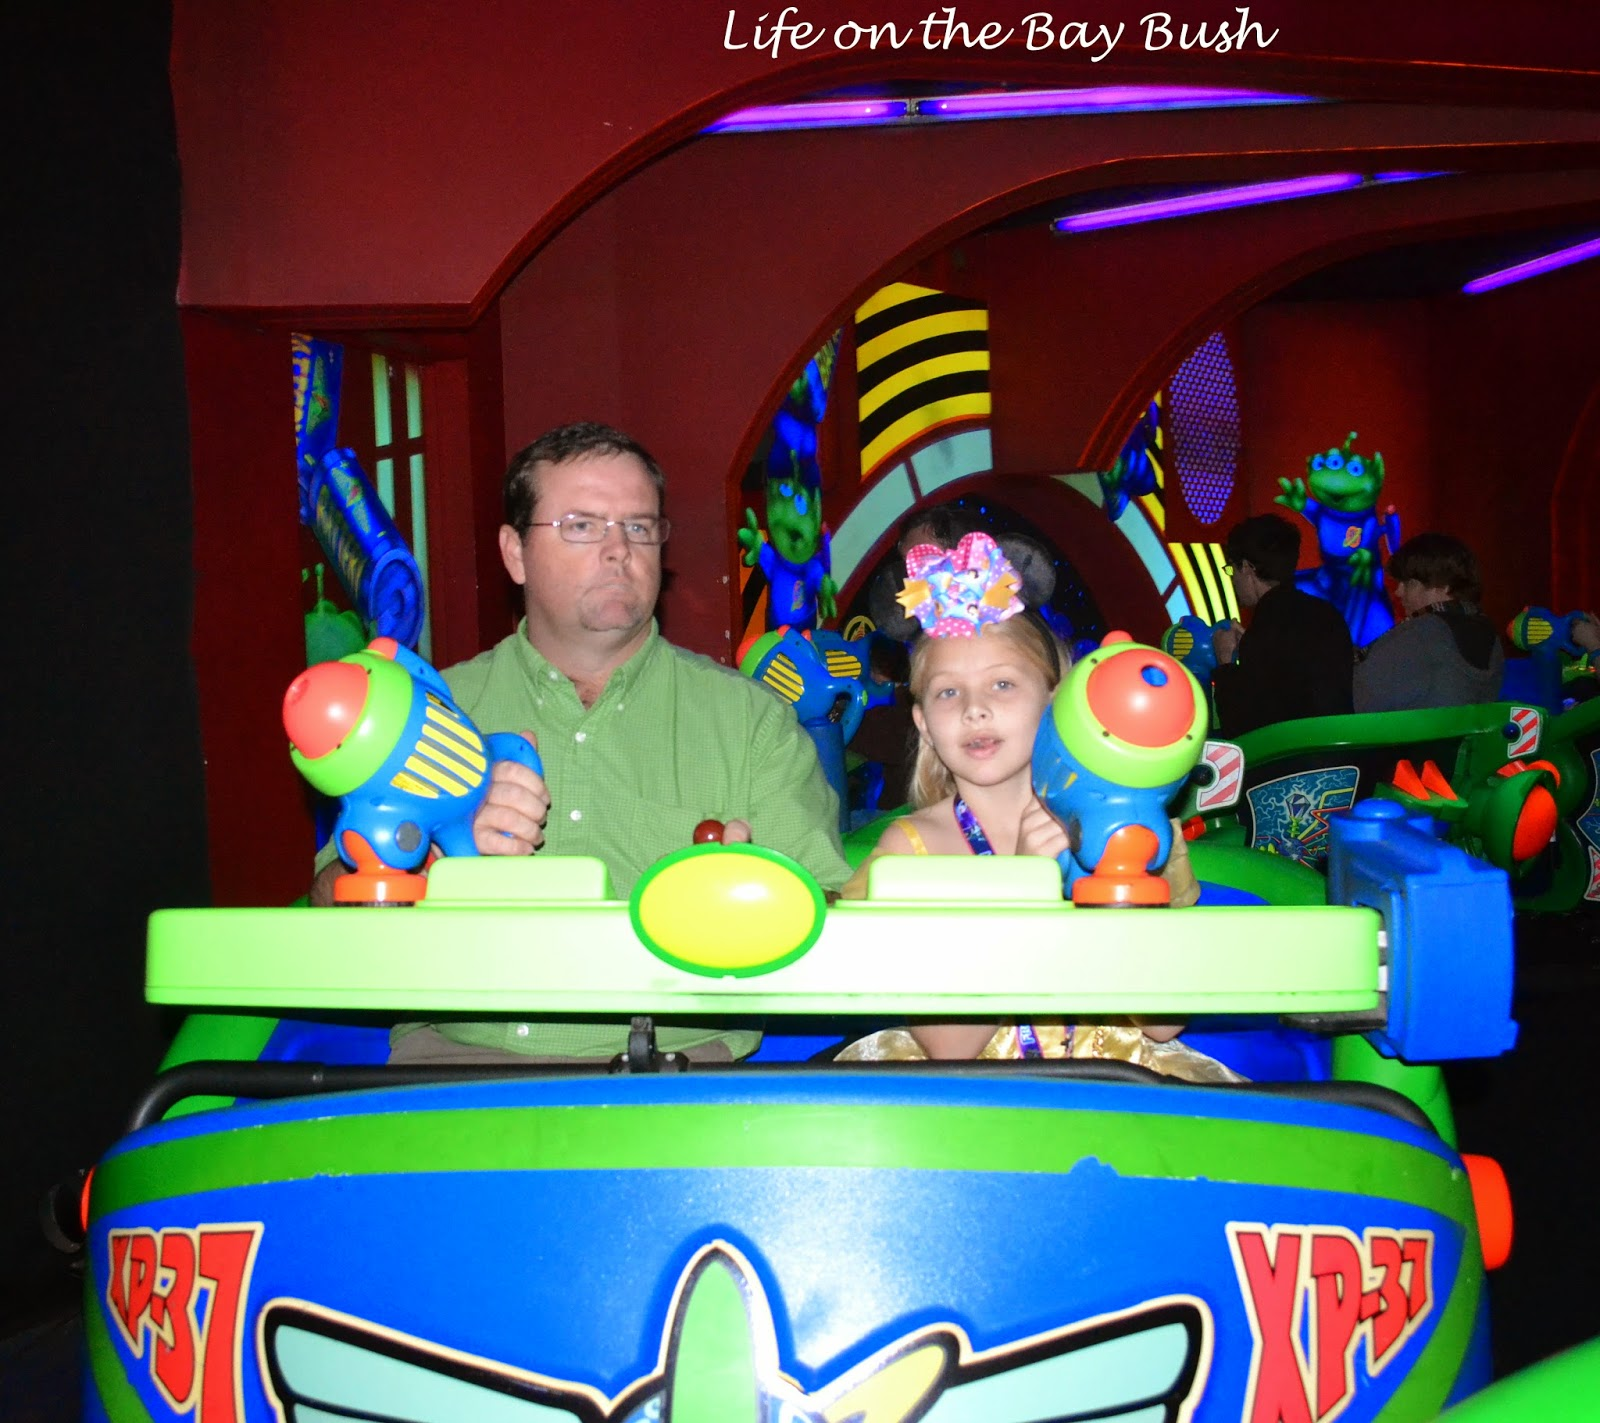 Disney's Magic Kingdom Buzz Lightyear ride